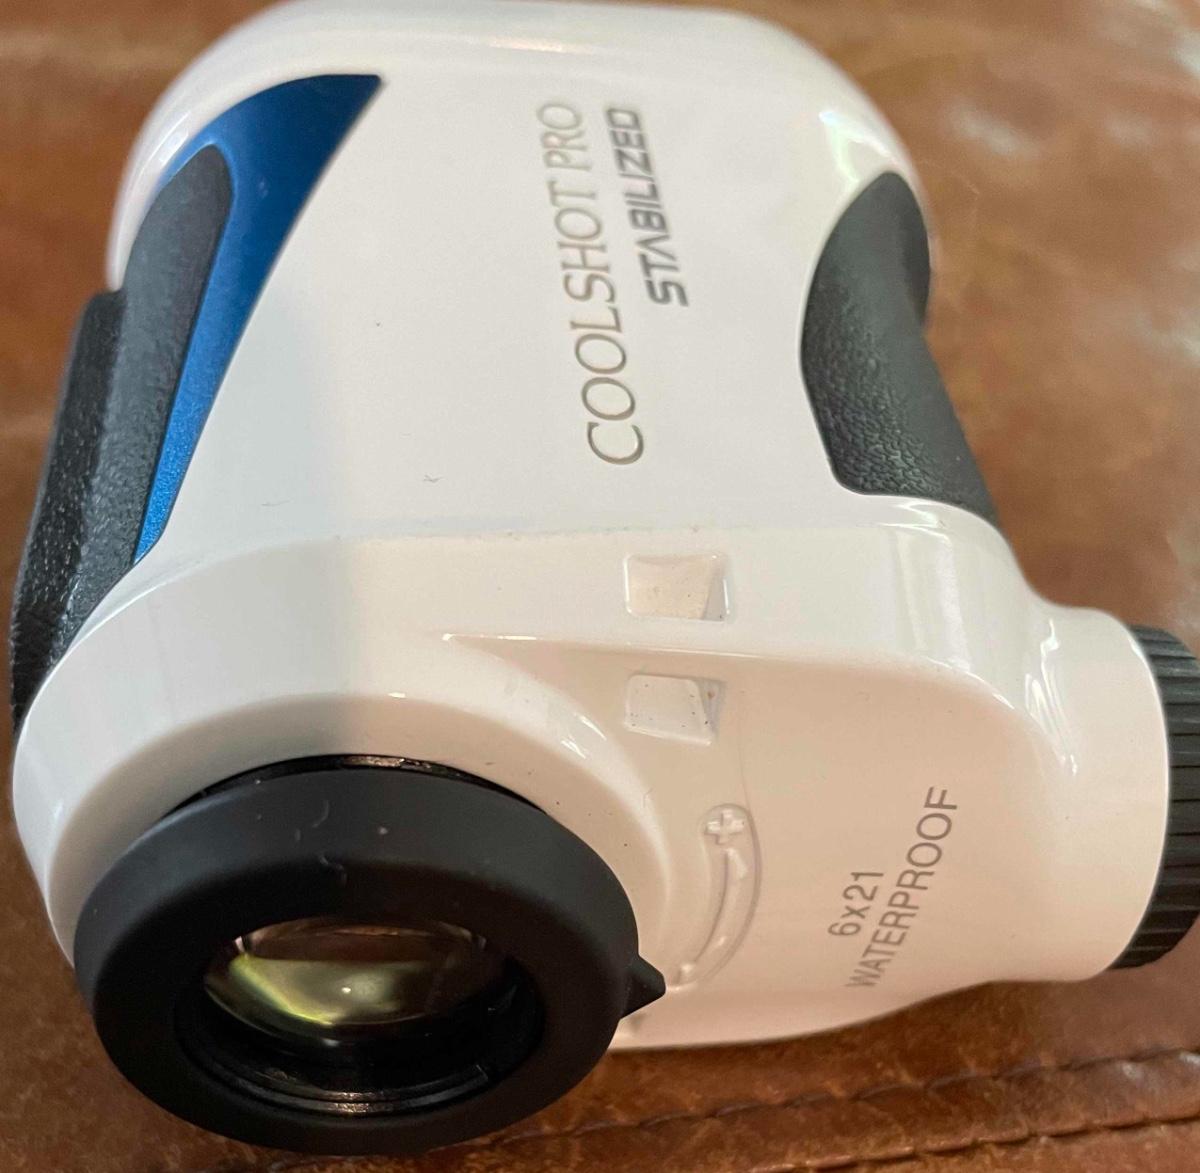 Nikon3.jpg.7cf67e2048cad26358c1989d4572fdbc.jpg